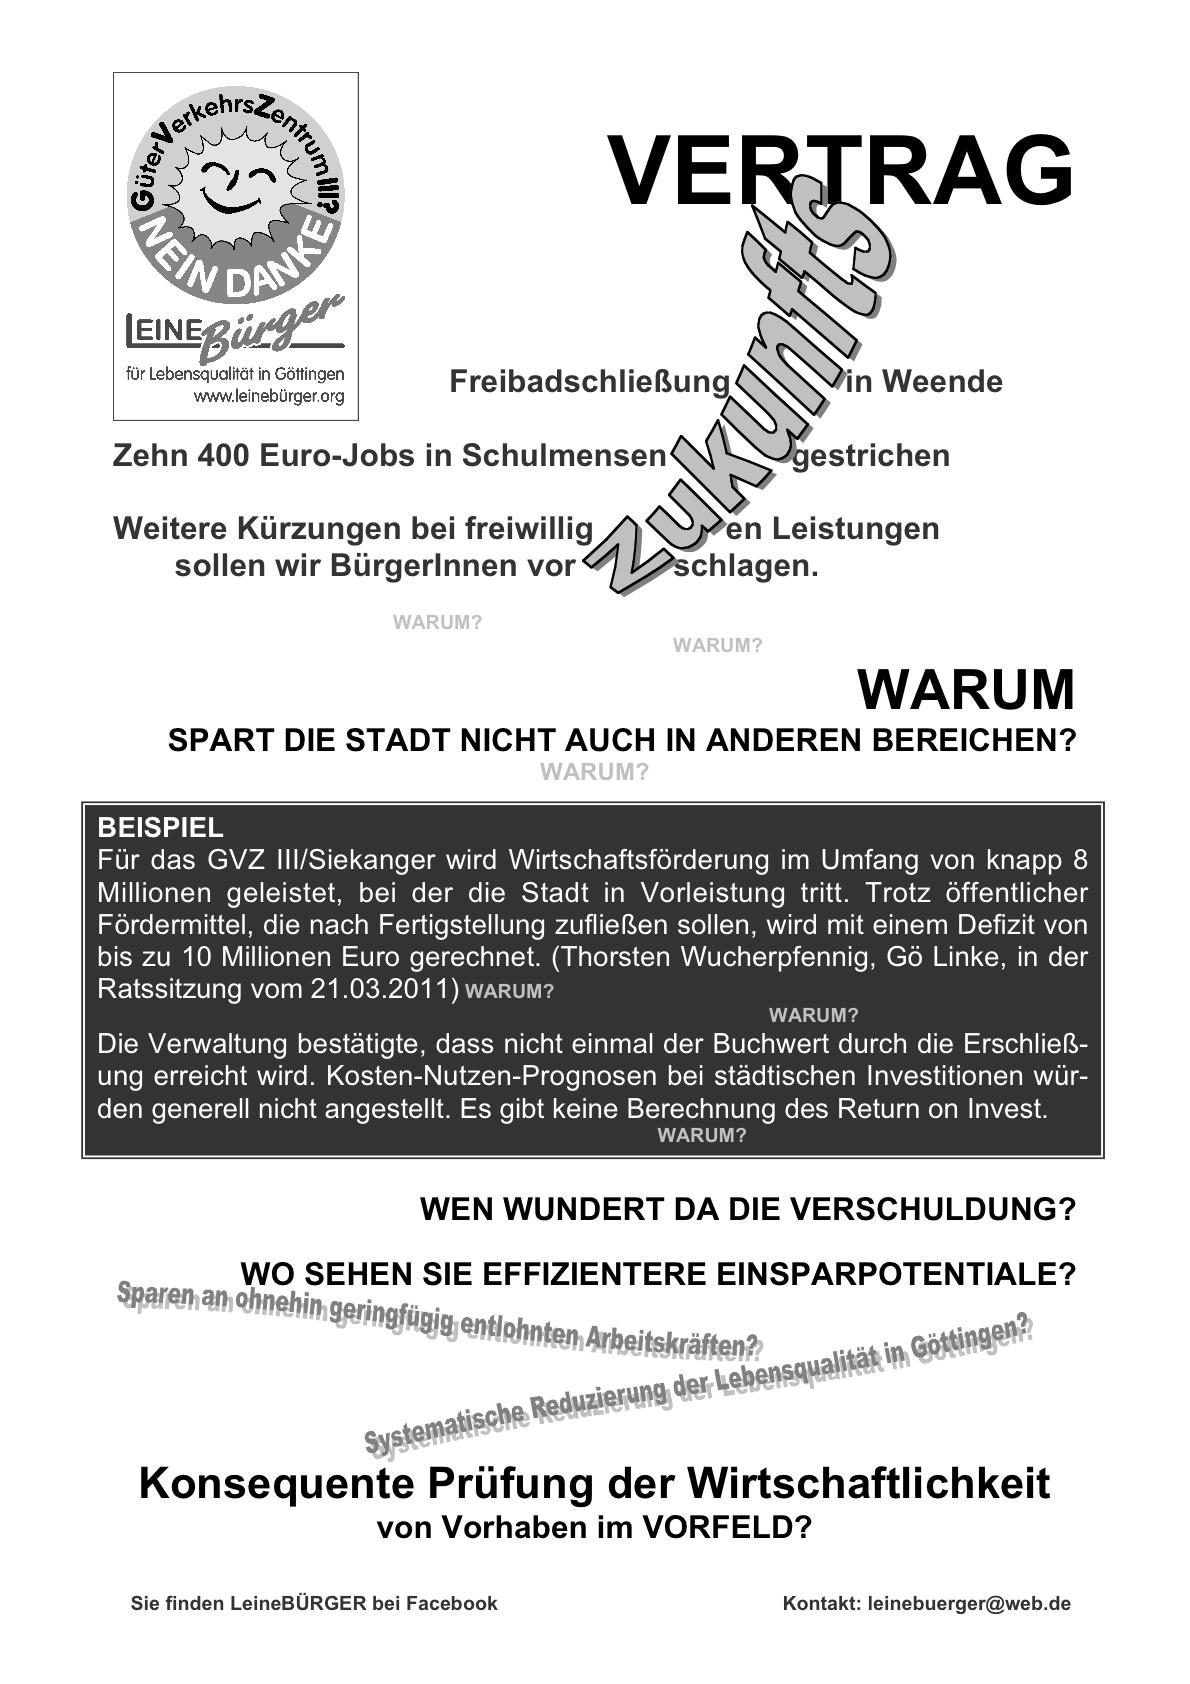 GVZ III Siekanger und Zukunftsvertrag